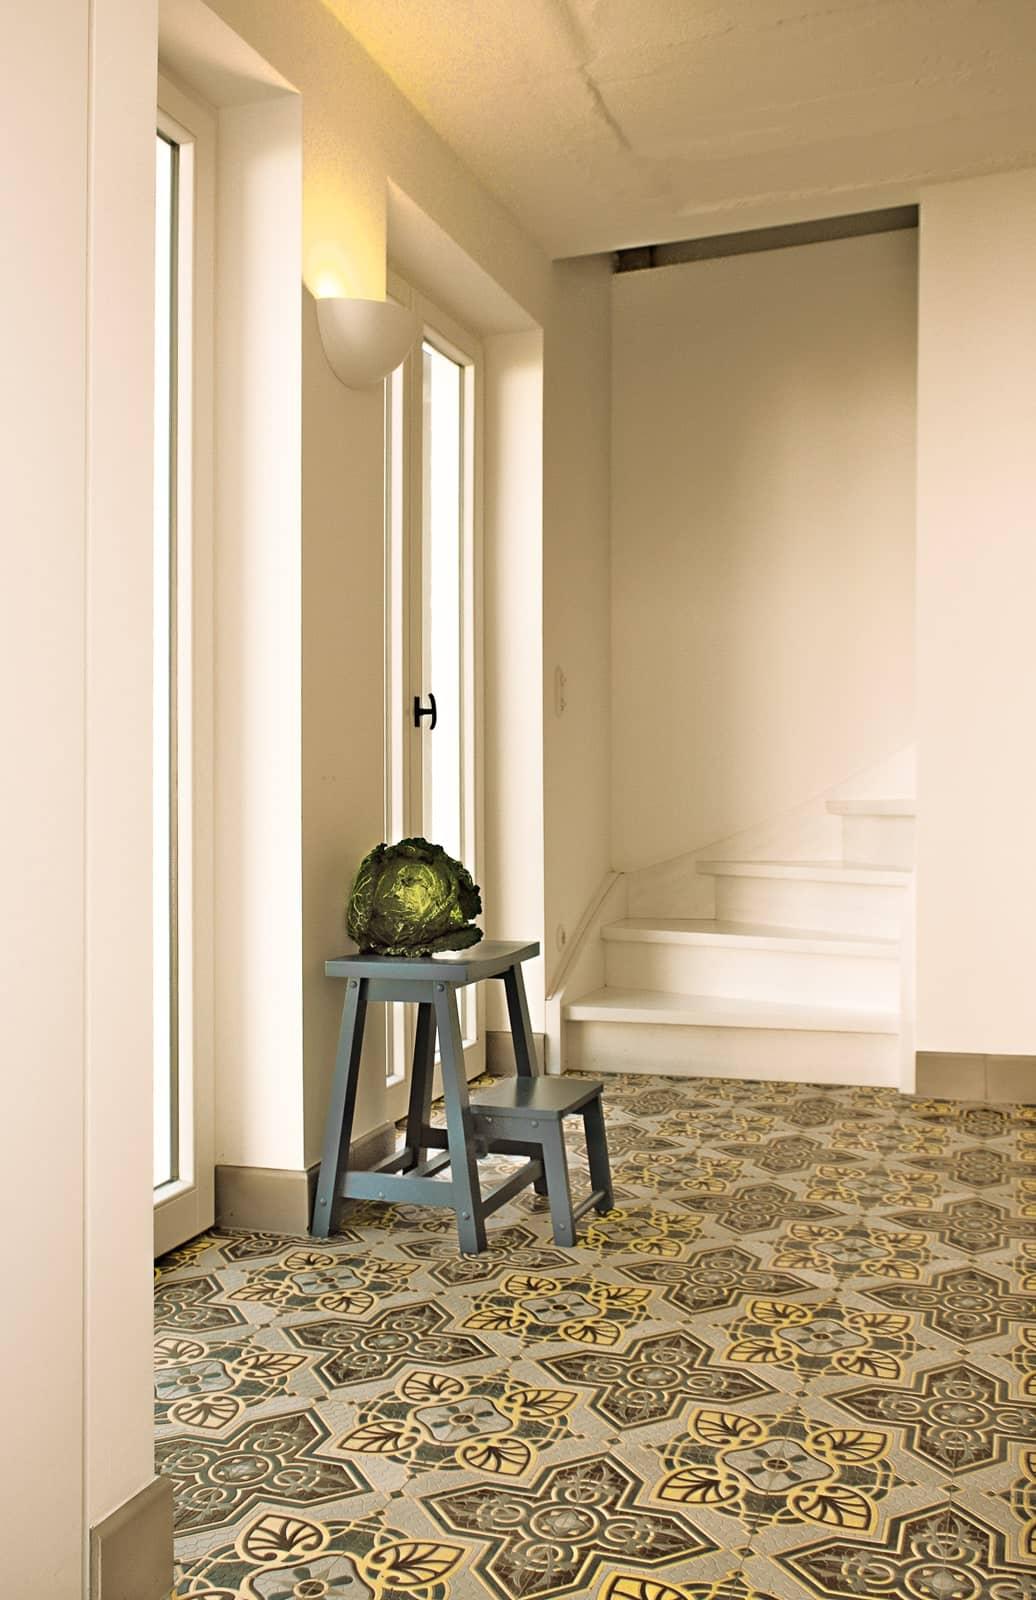 zementfliesen-terrazzofliesen-kreidefarbe-terrazzo-fugenlos-viaplatten-41071-kueche | 41071